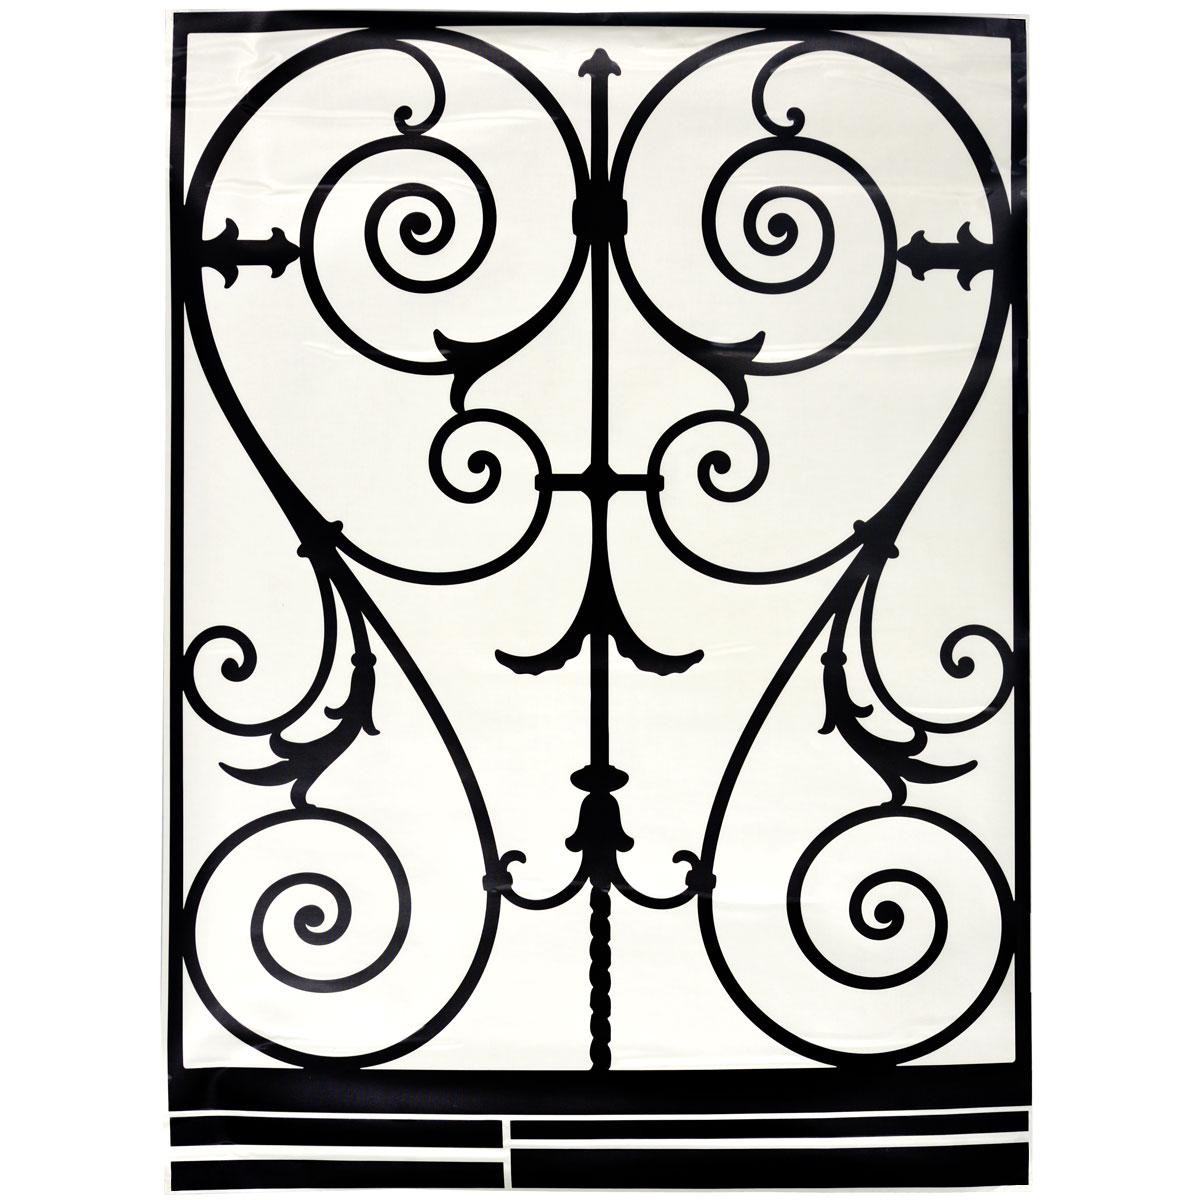 Стикер Paris-Paris Перила в стиле барокко, 90 х 132 см770094Добавьте оригинальность вашему интерьеру с помощью необычного стикера Paris-Paris Перила в стиле барокко. Оригинальное исполнение добавит изысканности в дизайн. Необыкновенный всплеск эмоций в дизайнерском решении создаст утонченную и изысканную атмосферу не только спальни, гостиной или детской комнаты, но и даже офиса. Стикер выполнен из матового винила - тонкого эластичного материала, который хорошо прилегает к любым гладким и чистым поверхностям, легко моется и держится до семи лет, не оставляя следов. Идеи французских дизайнеров украсят любой интерьер. Размер стикера (ВхШ): 90 см х 132 см.